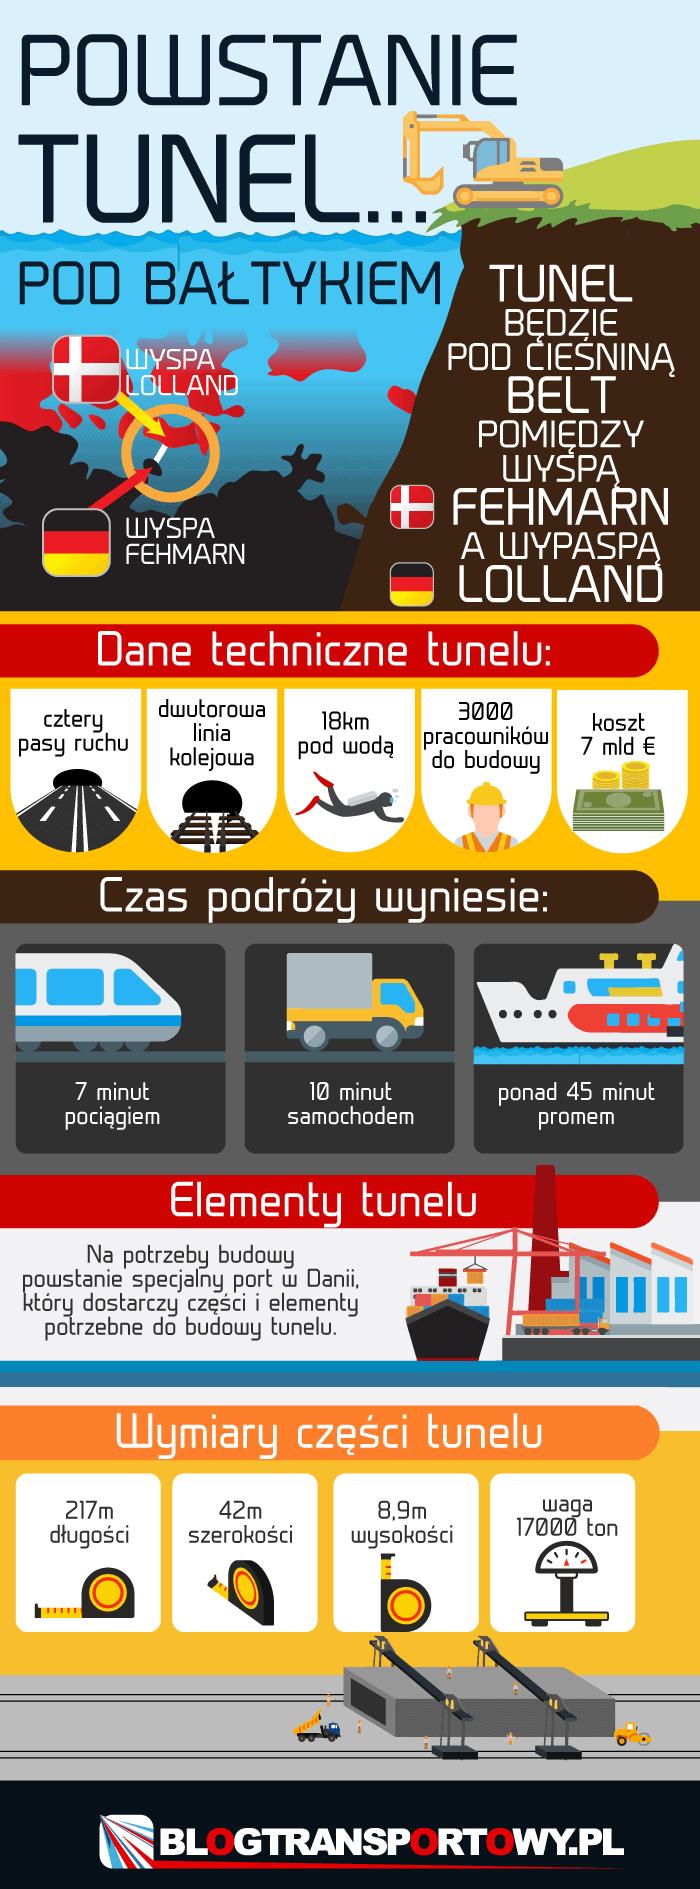 Powstanie tunel pod Bałtykiem